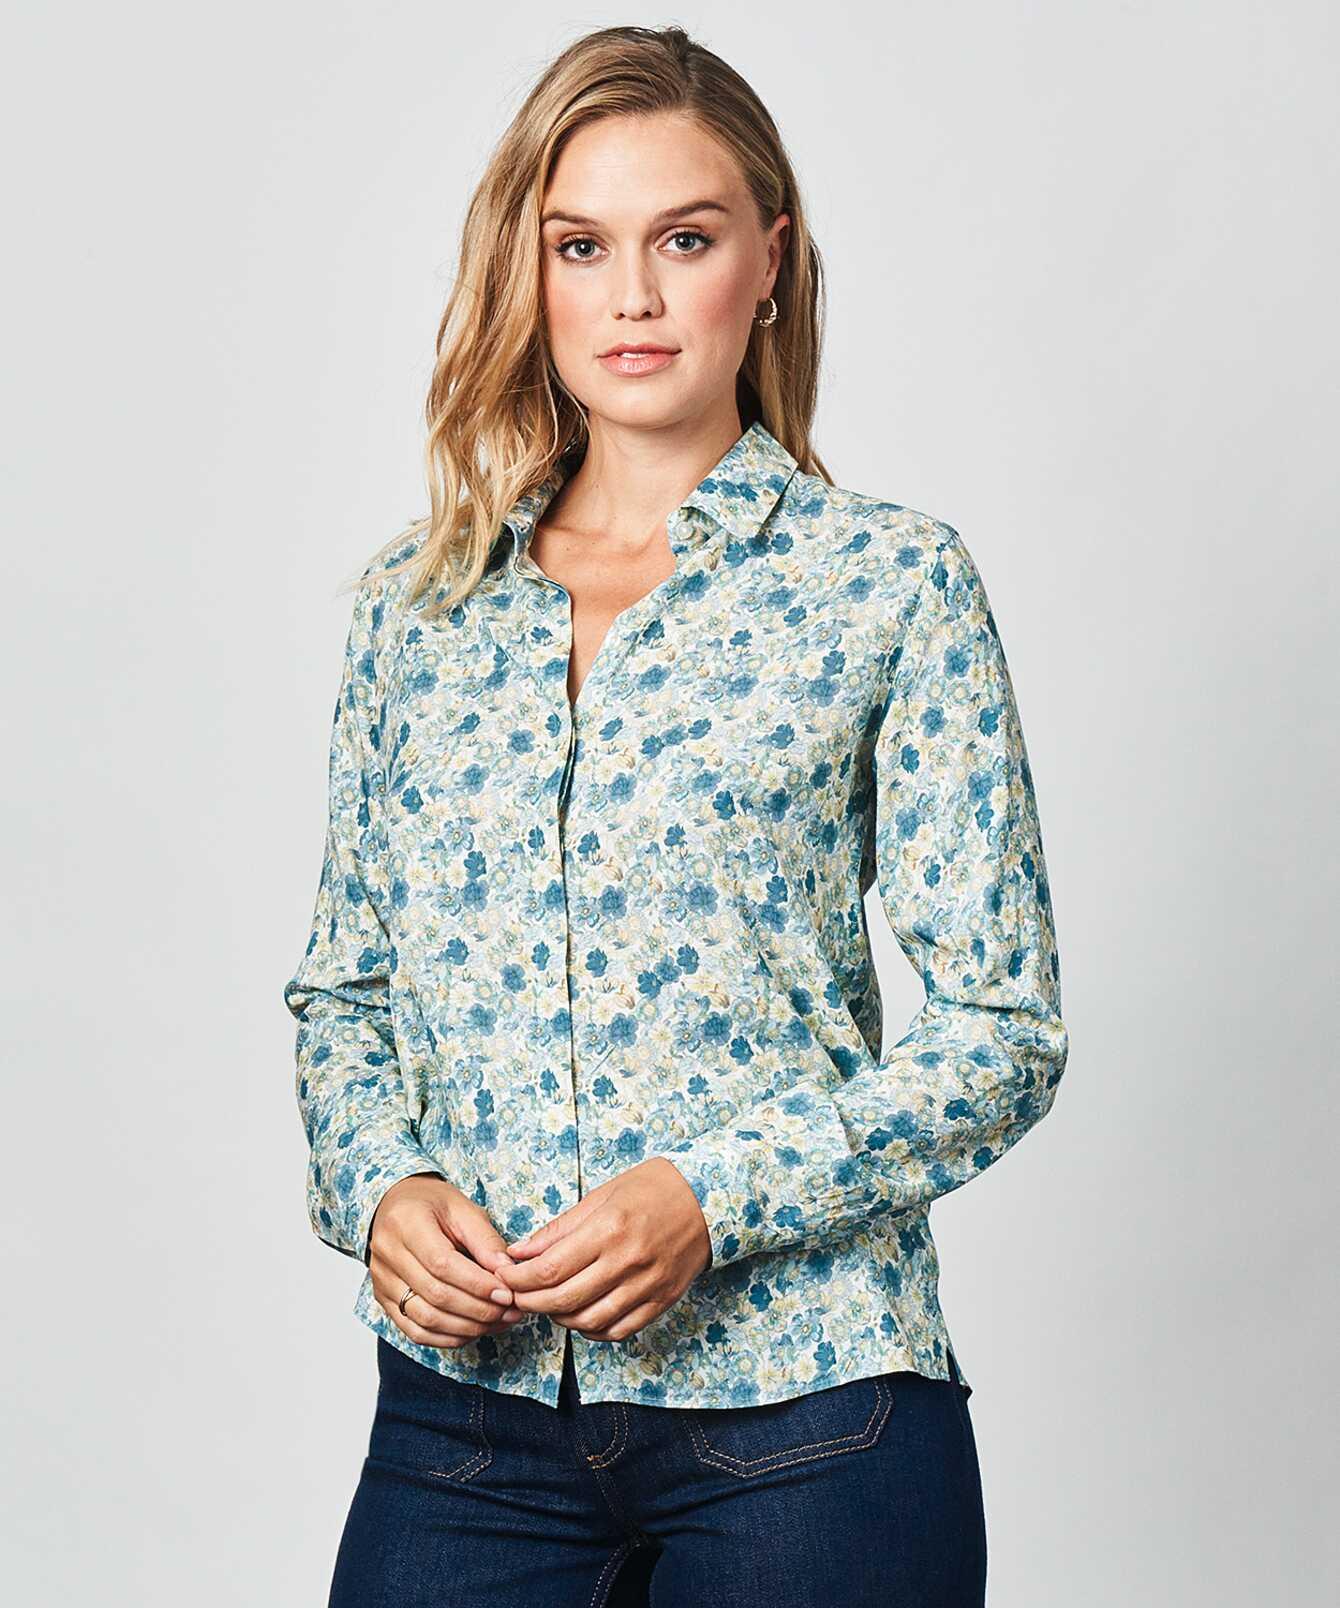 Shirt Gina Floret The Shirt Factory